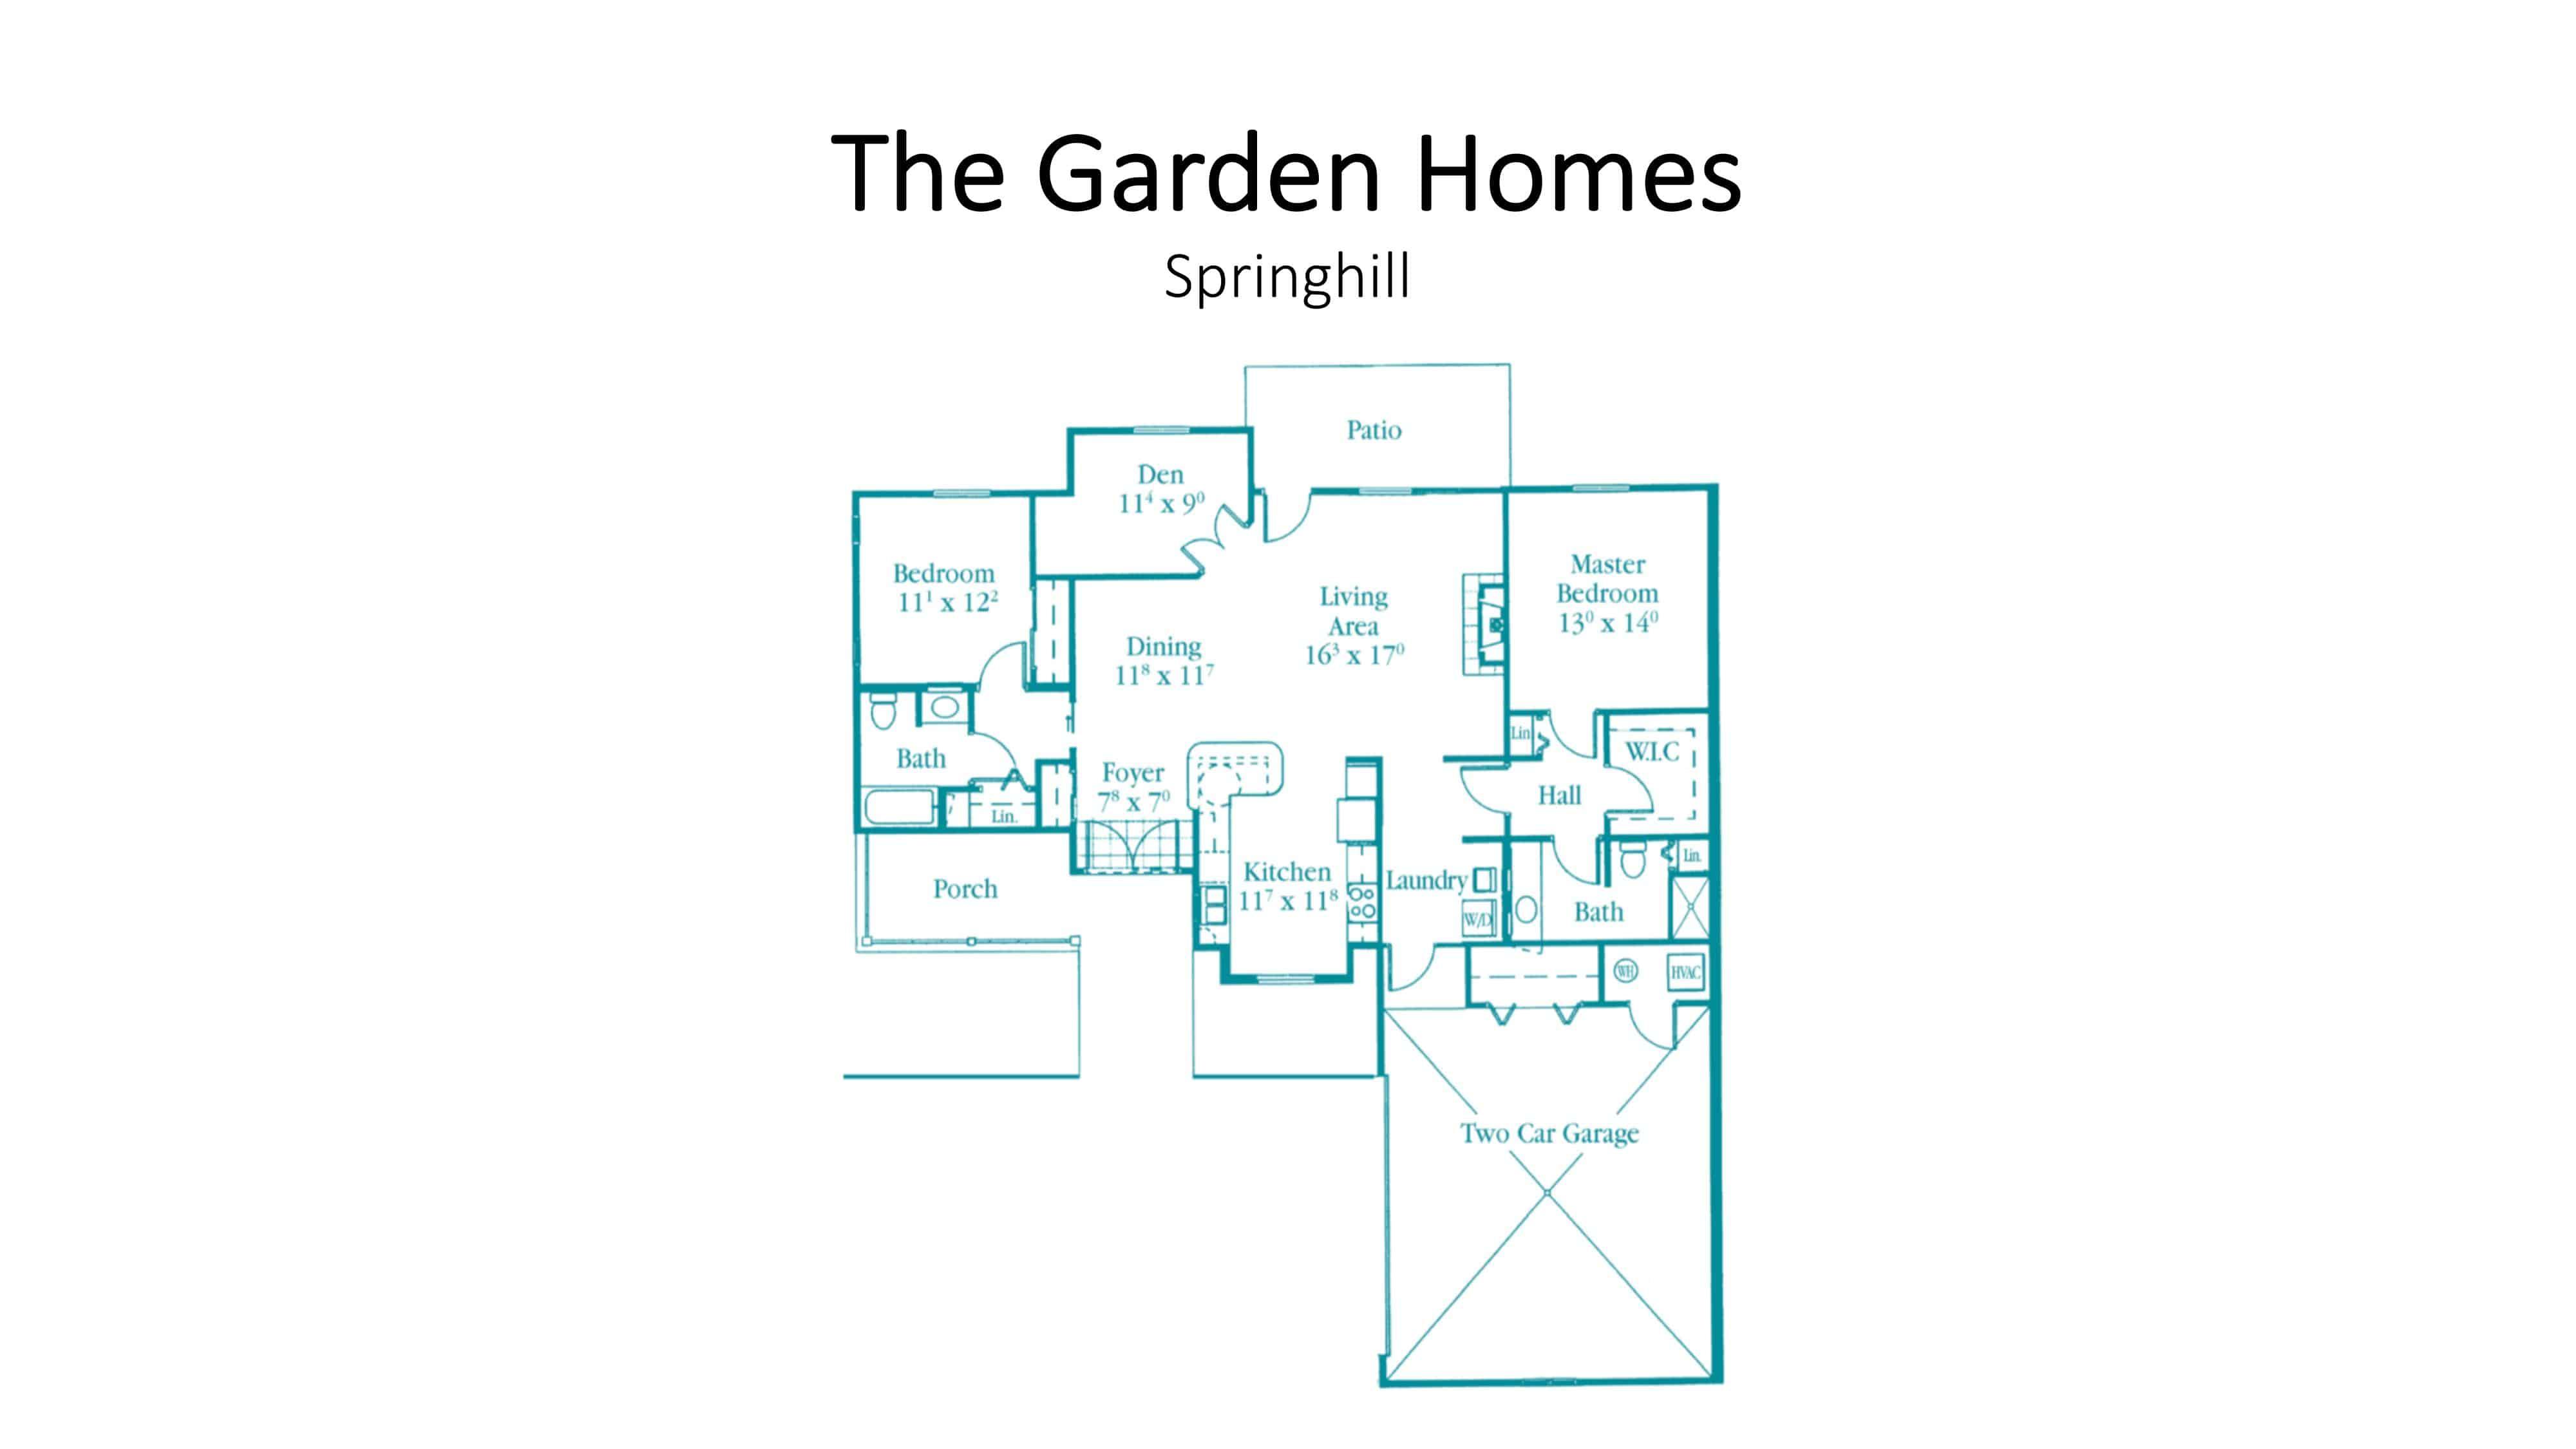 SH_Garden_Homes